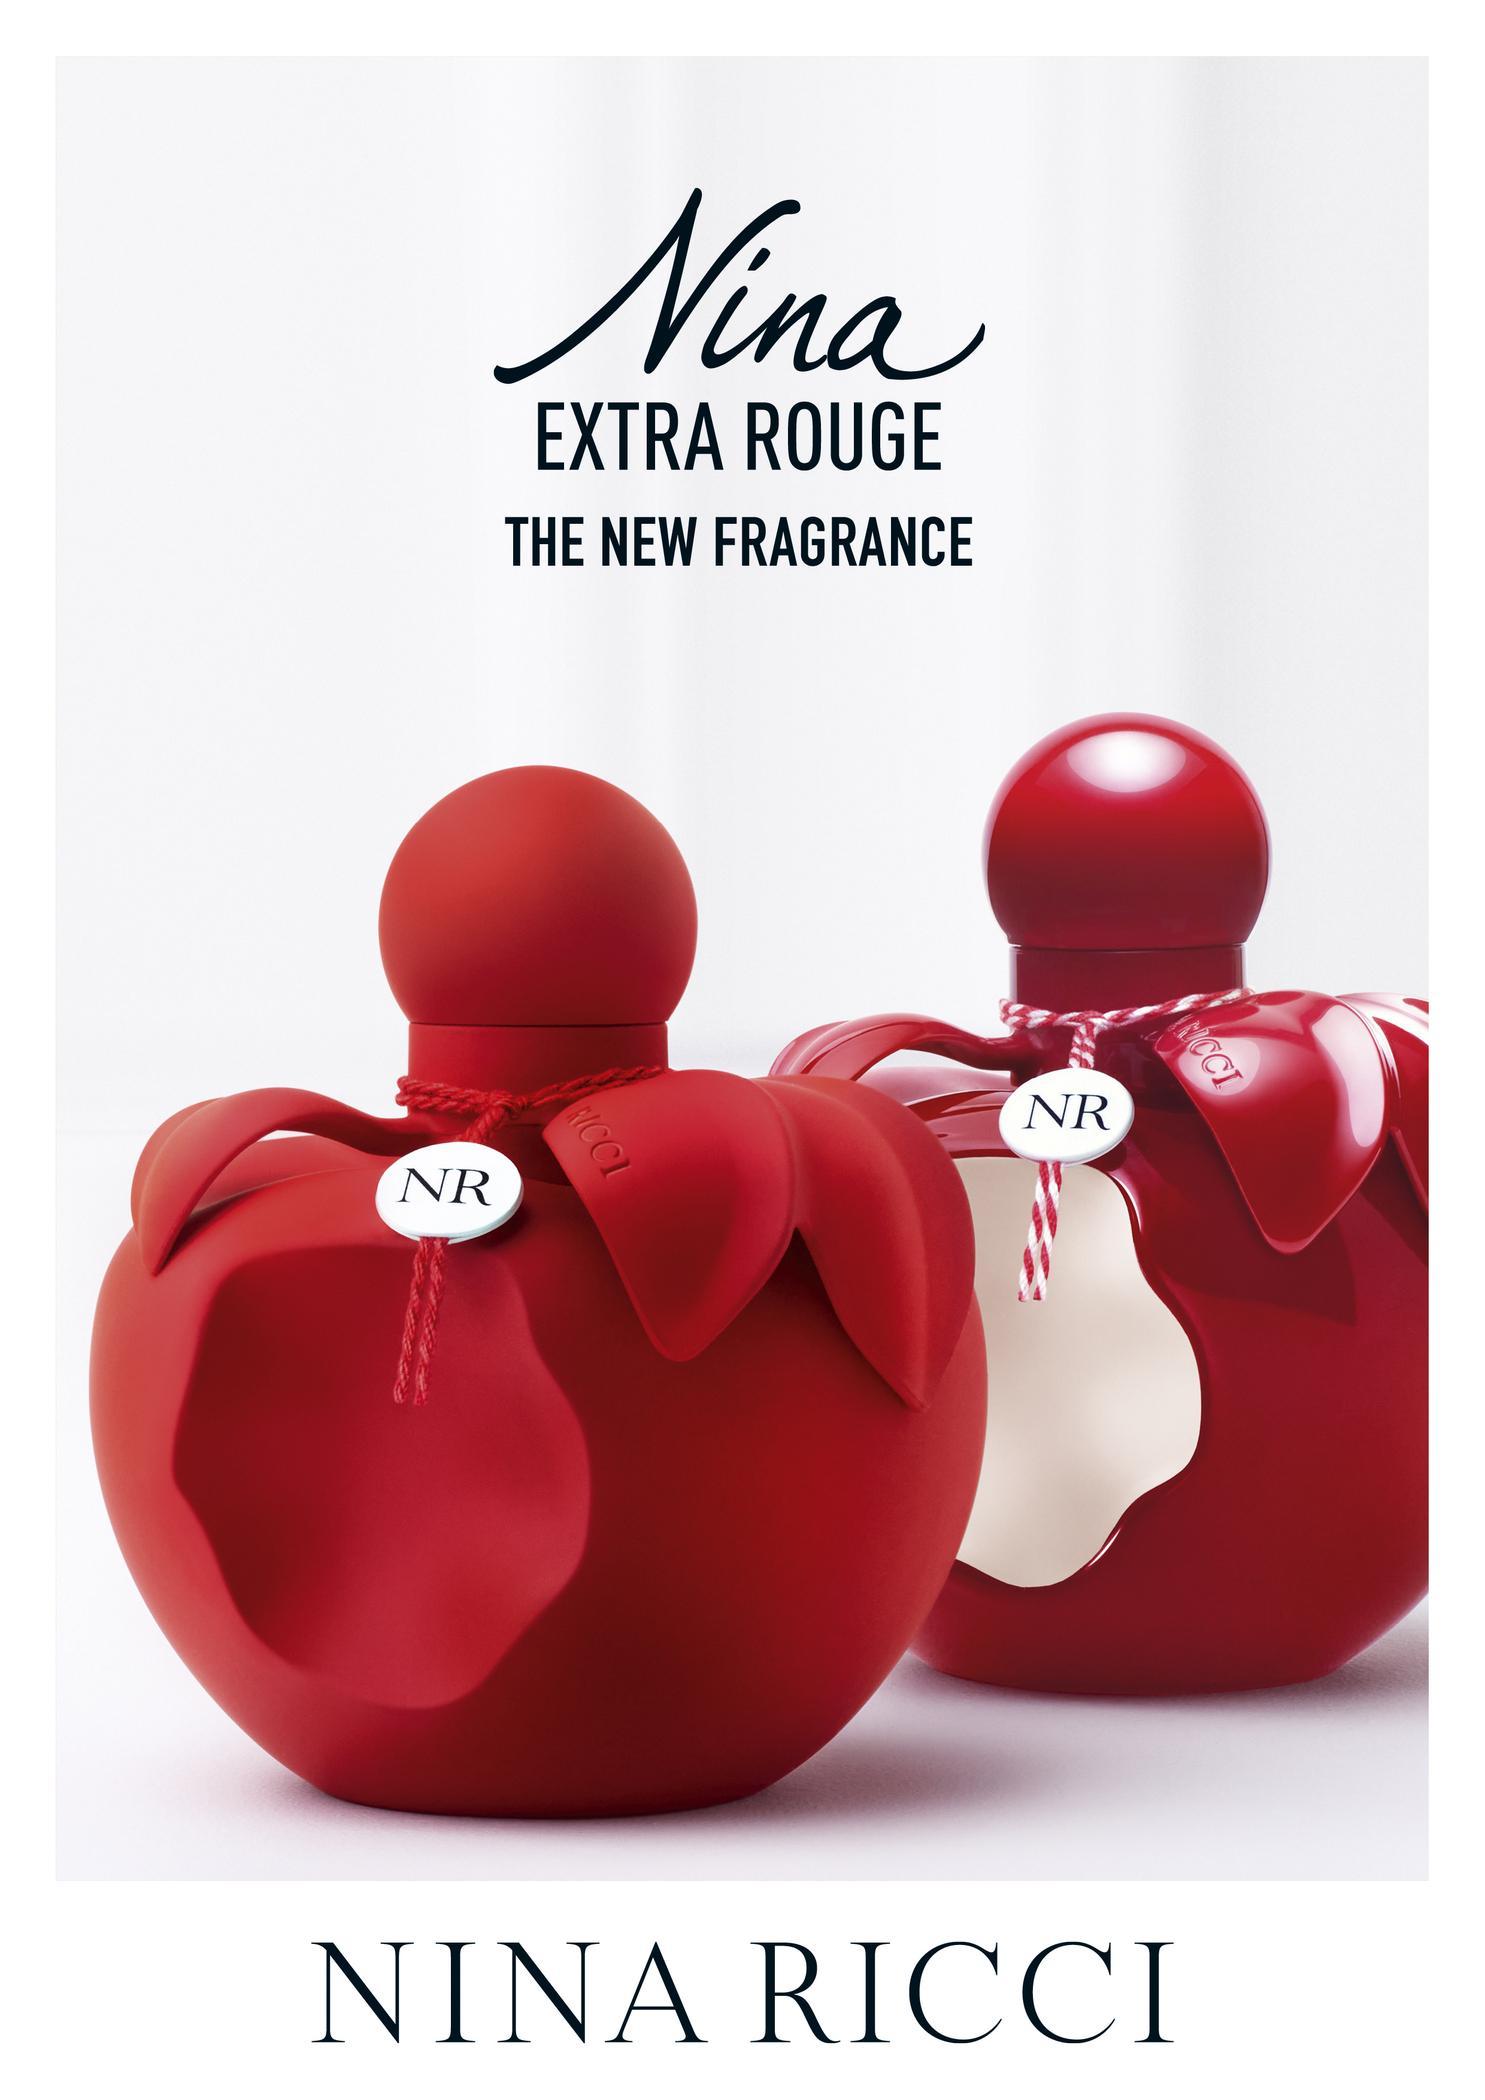 parfum bewaren